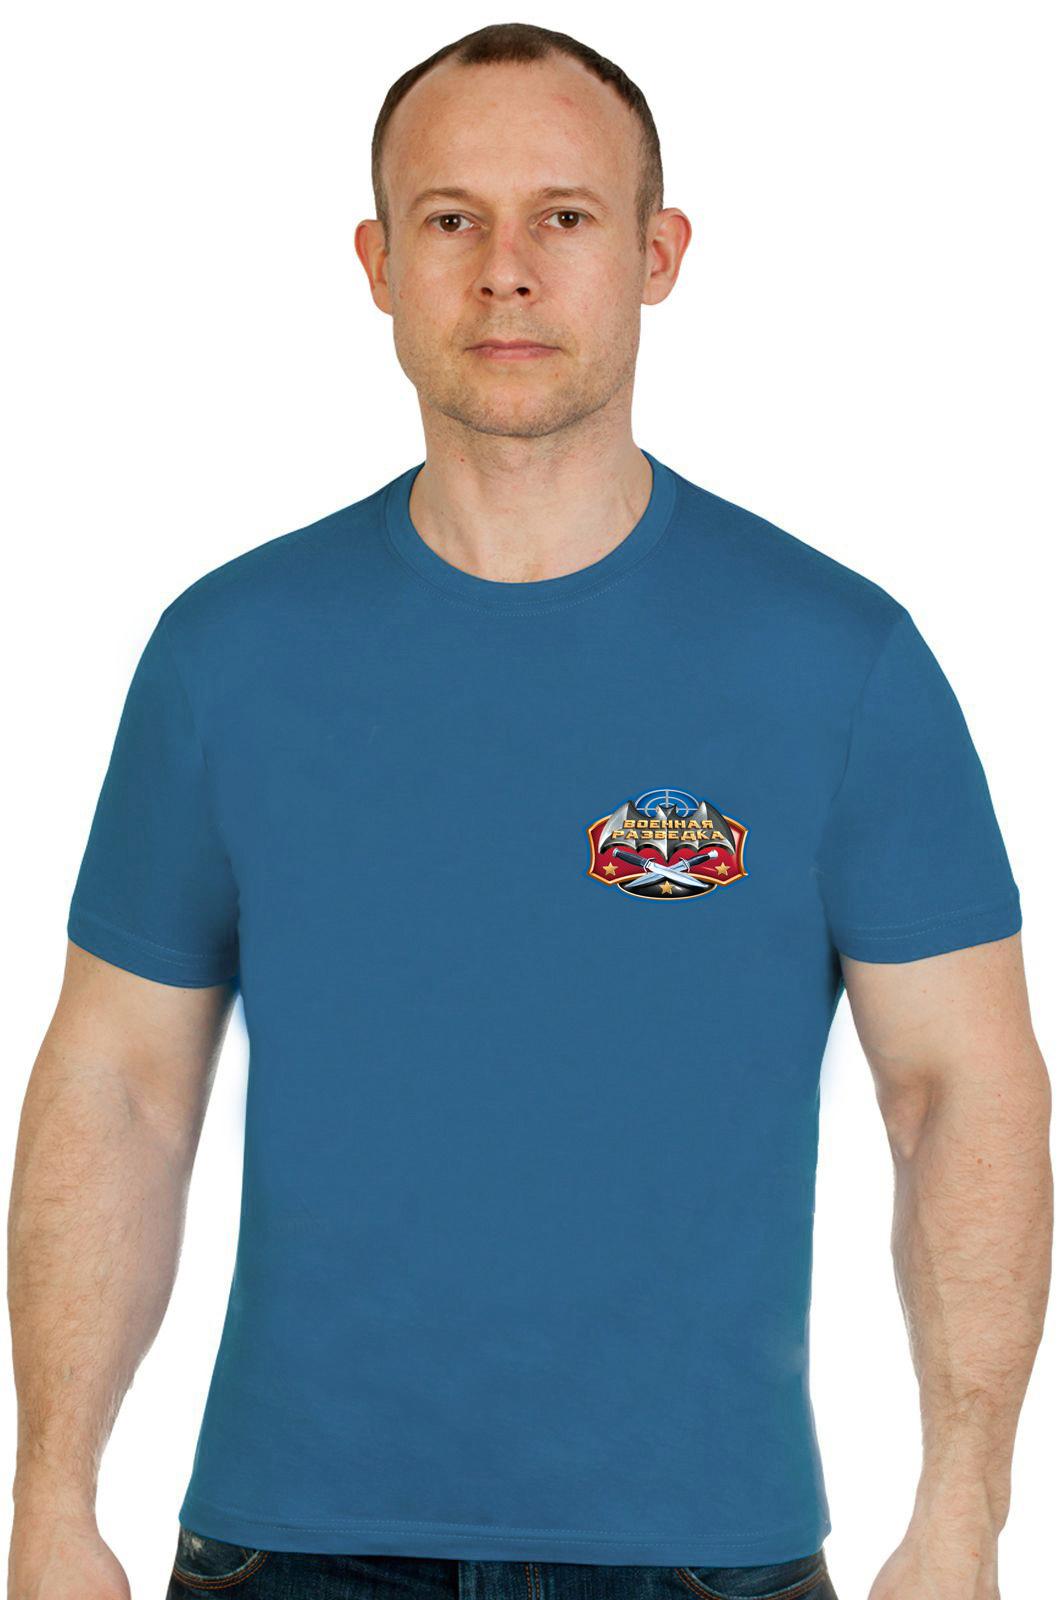 Купить стильную военную футболку для разведчика выгодно